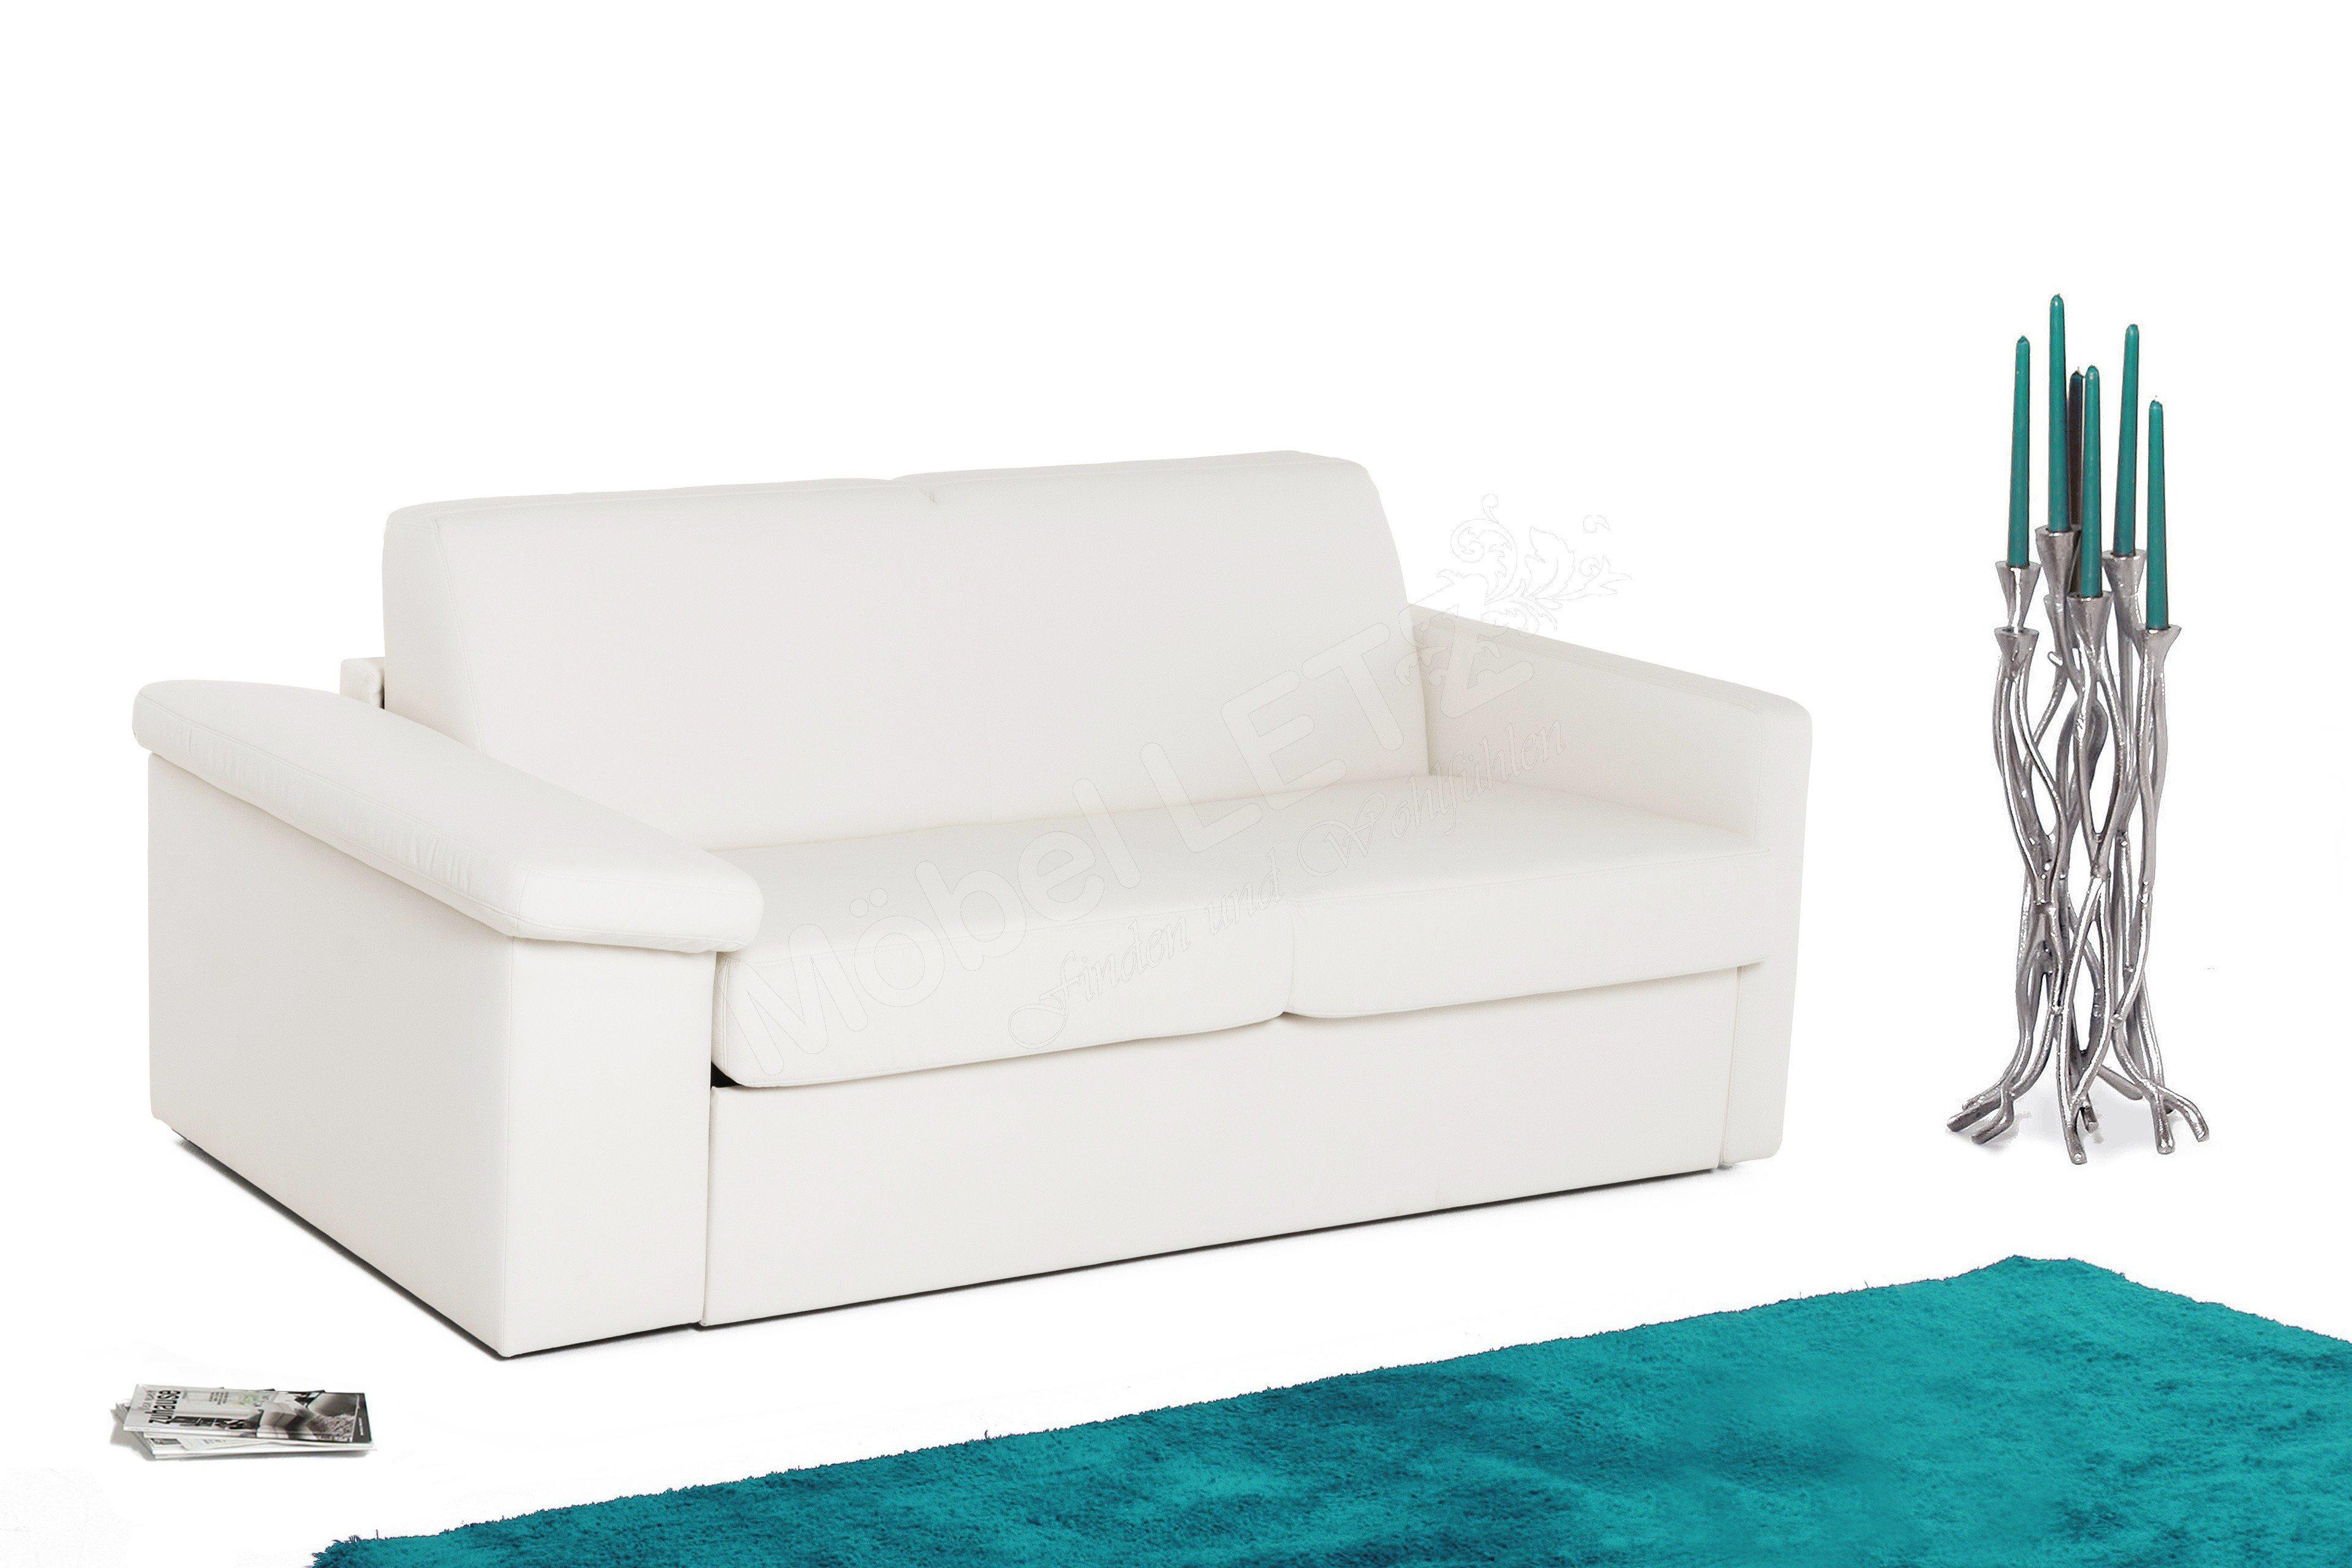 sedaro schlafsofa pronto in wei mit staufach in armlehne m bel letz ihr online shop. Black Bedroom Furniture Sets. Home Design Ideas